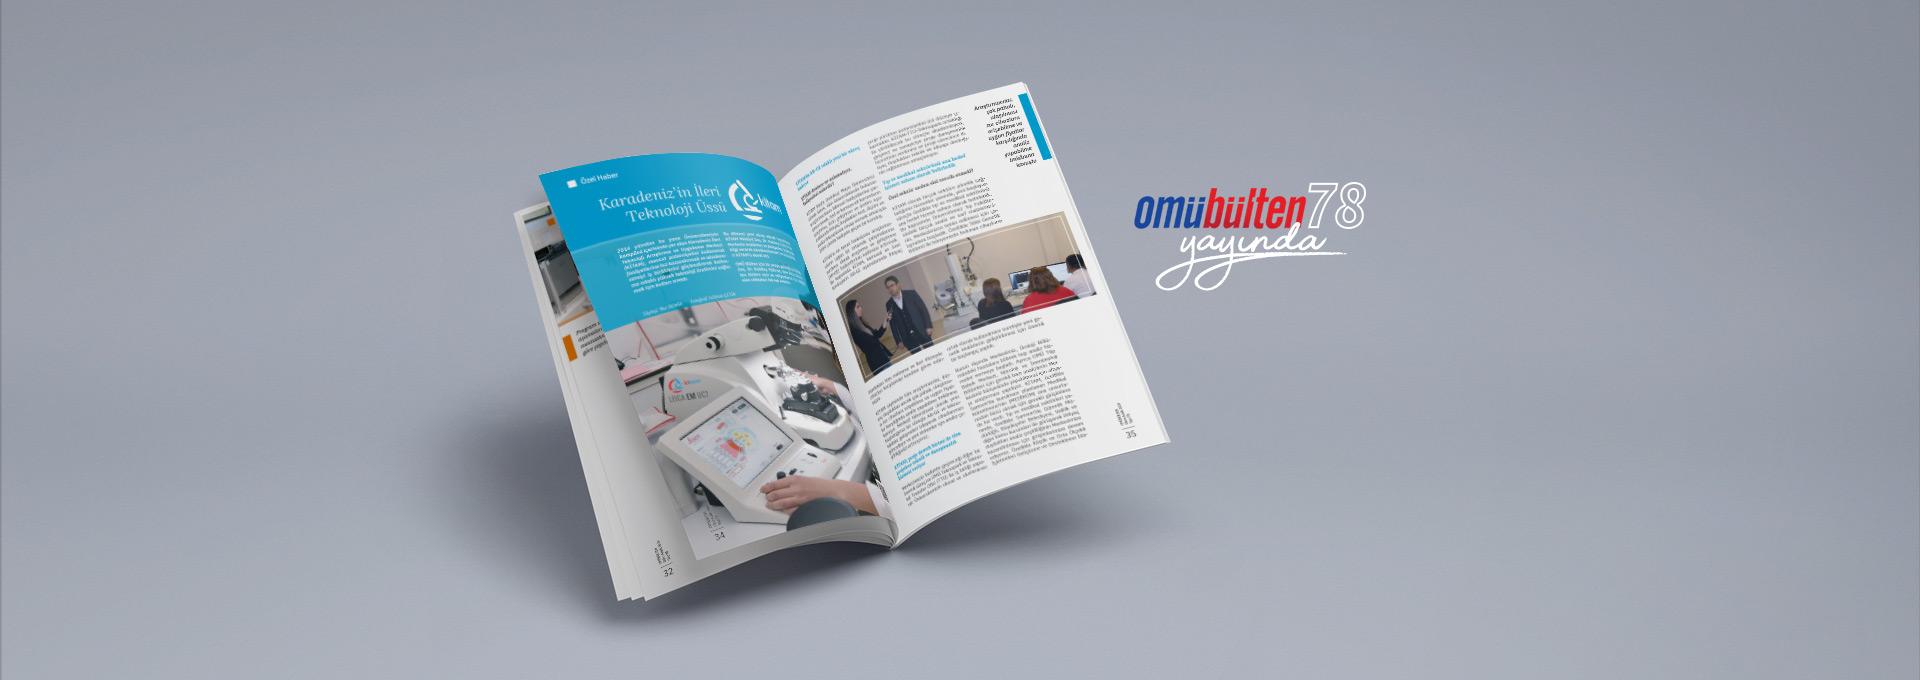 OMÜBülten Dergisinin 78. Sayısı Özel Haber ve Konularla Yayında